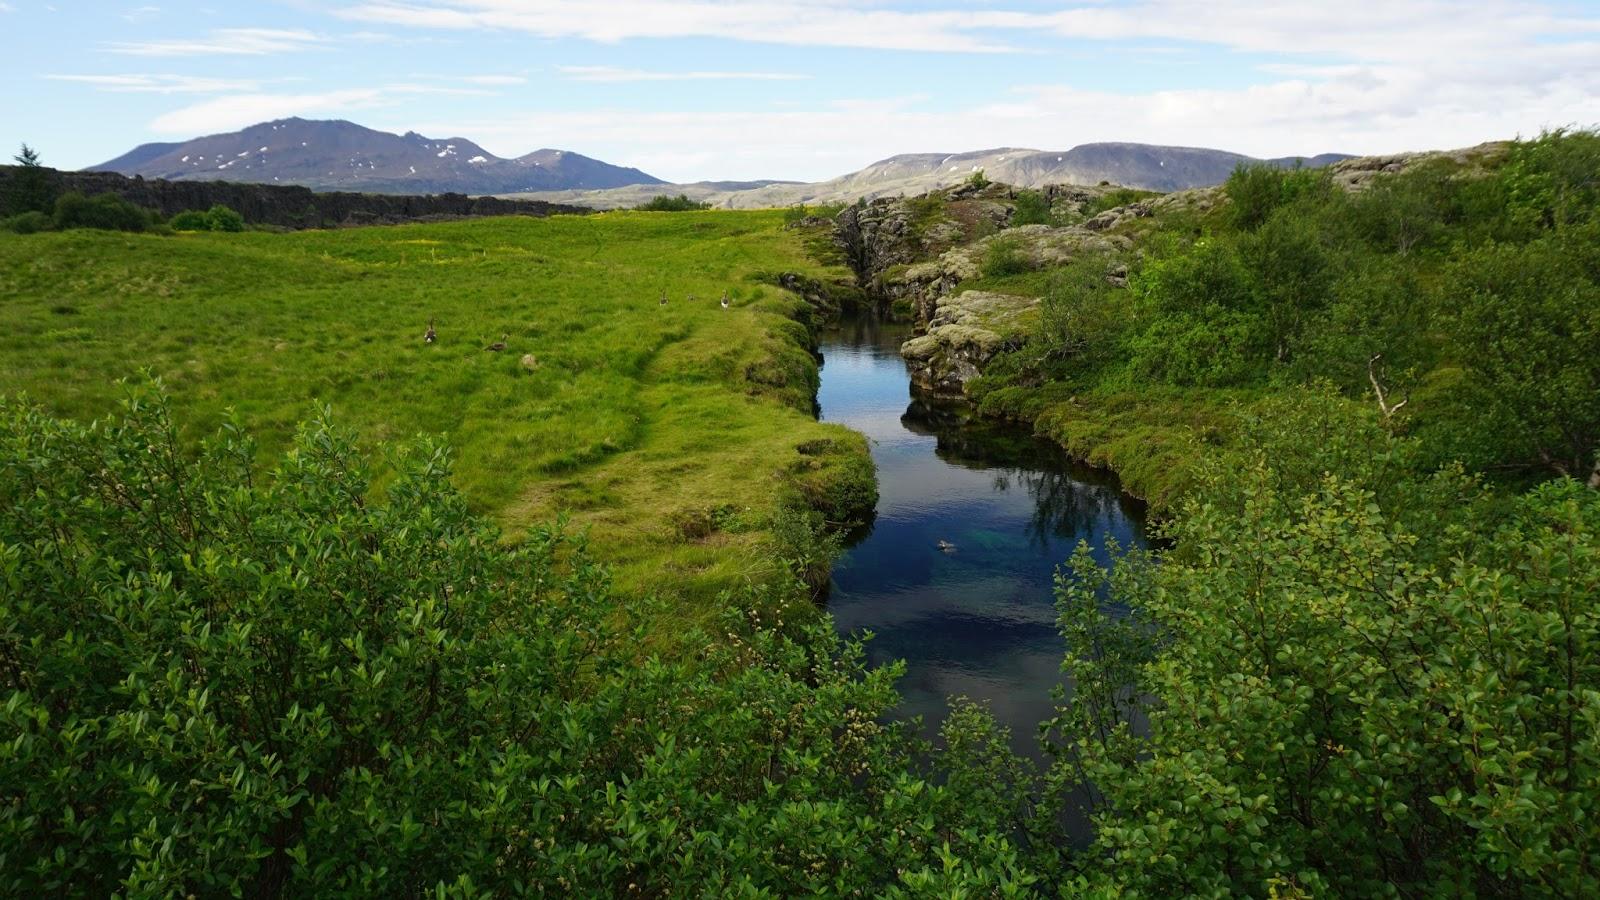 szczelina Silfra, islandzkie atrakcje, Islandia, Park Thingvellir